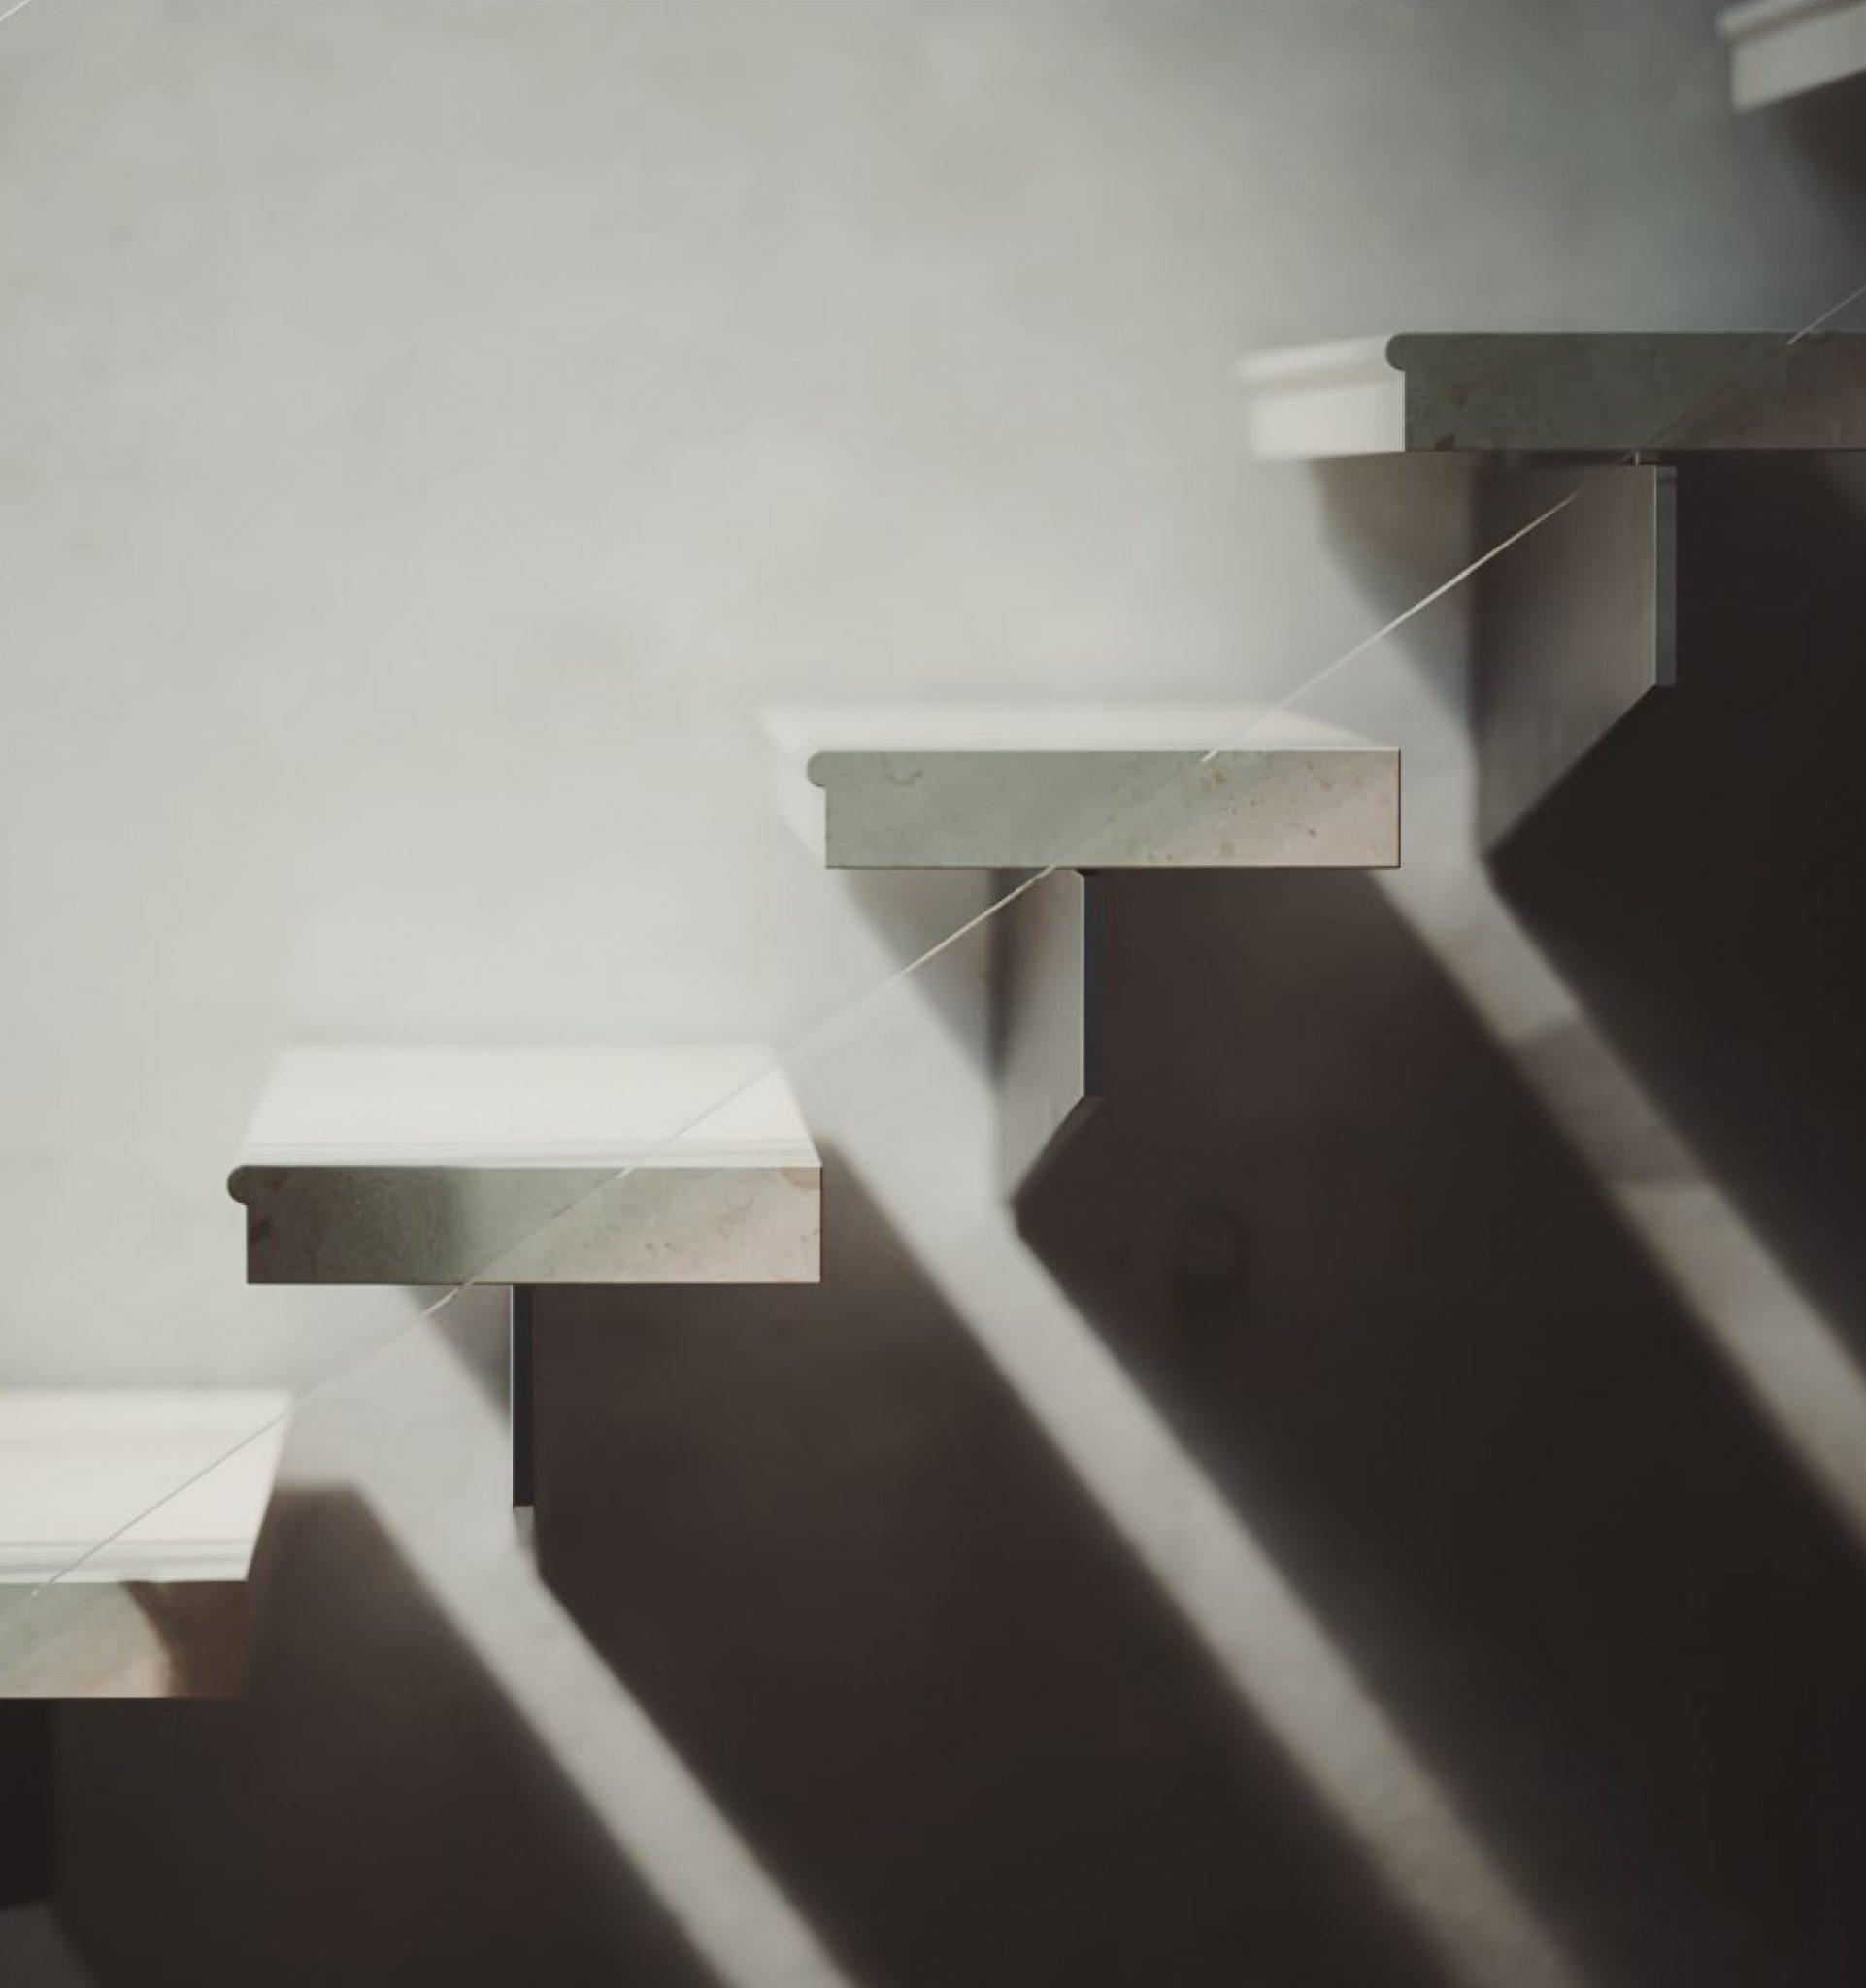 Trappa till projektet Böjda betongvillan, ritat av Rex Arkitektbyrå i Stockholm.